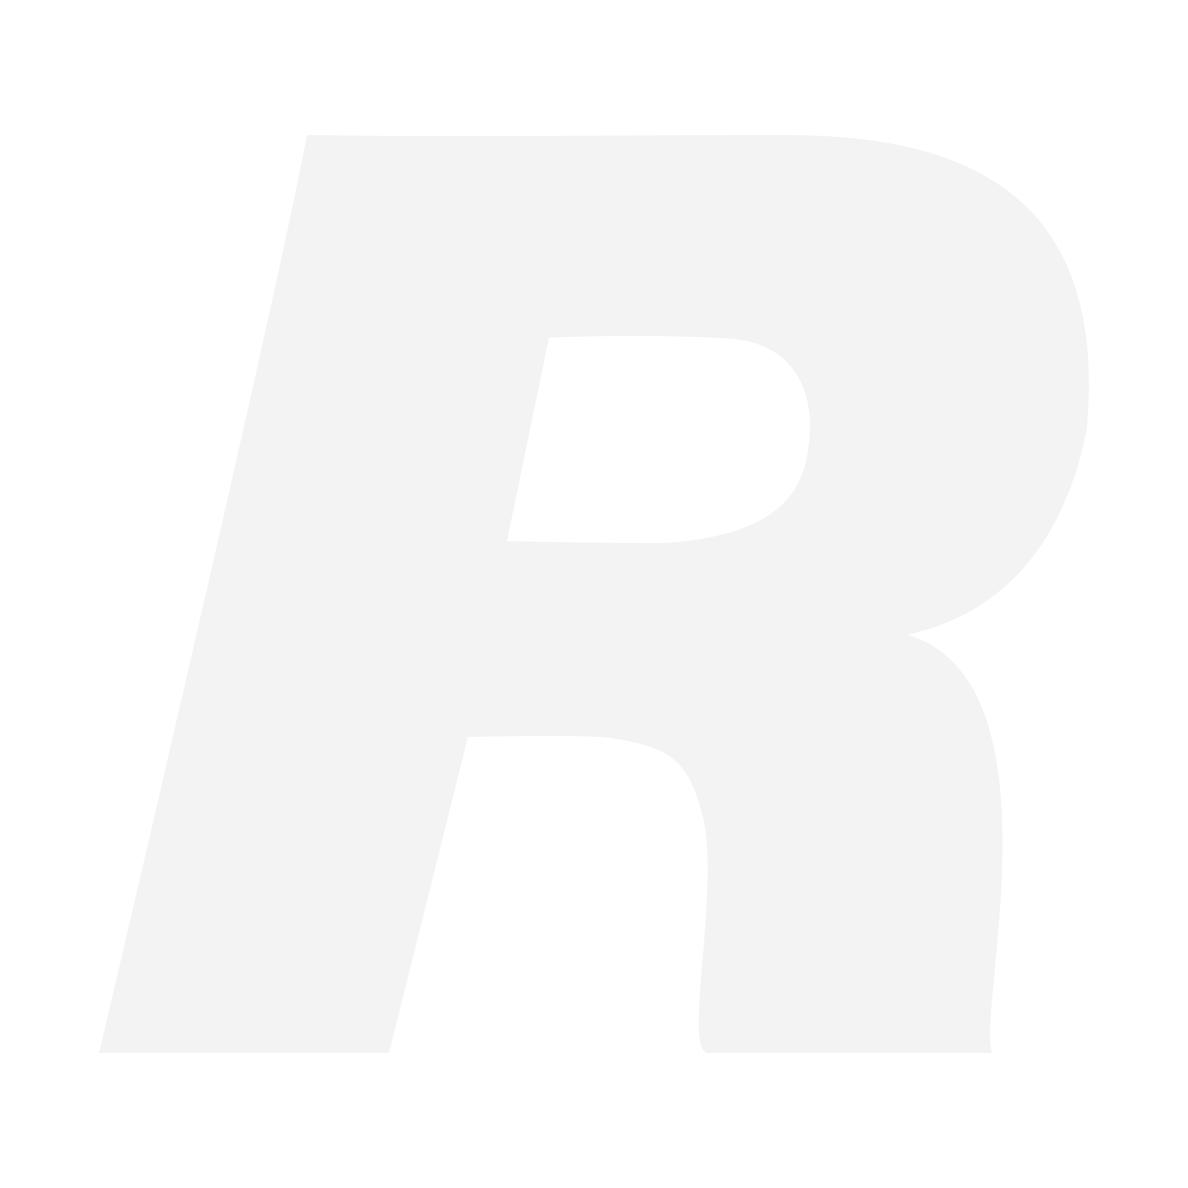 CanonTS-E50/2.8LMacroTilt Shift-objektiv